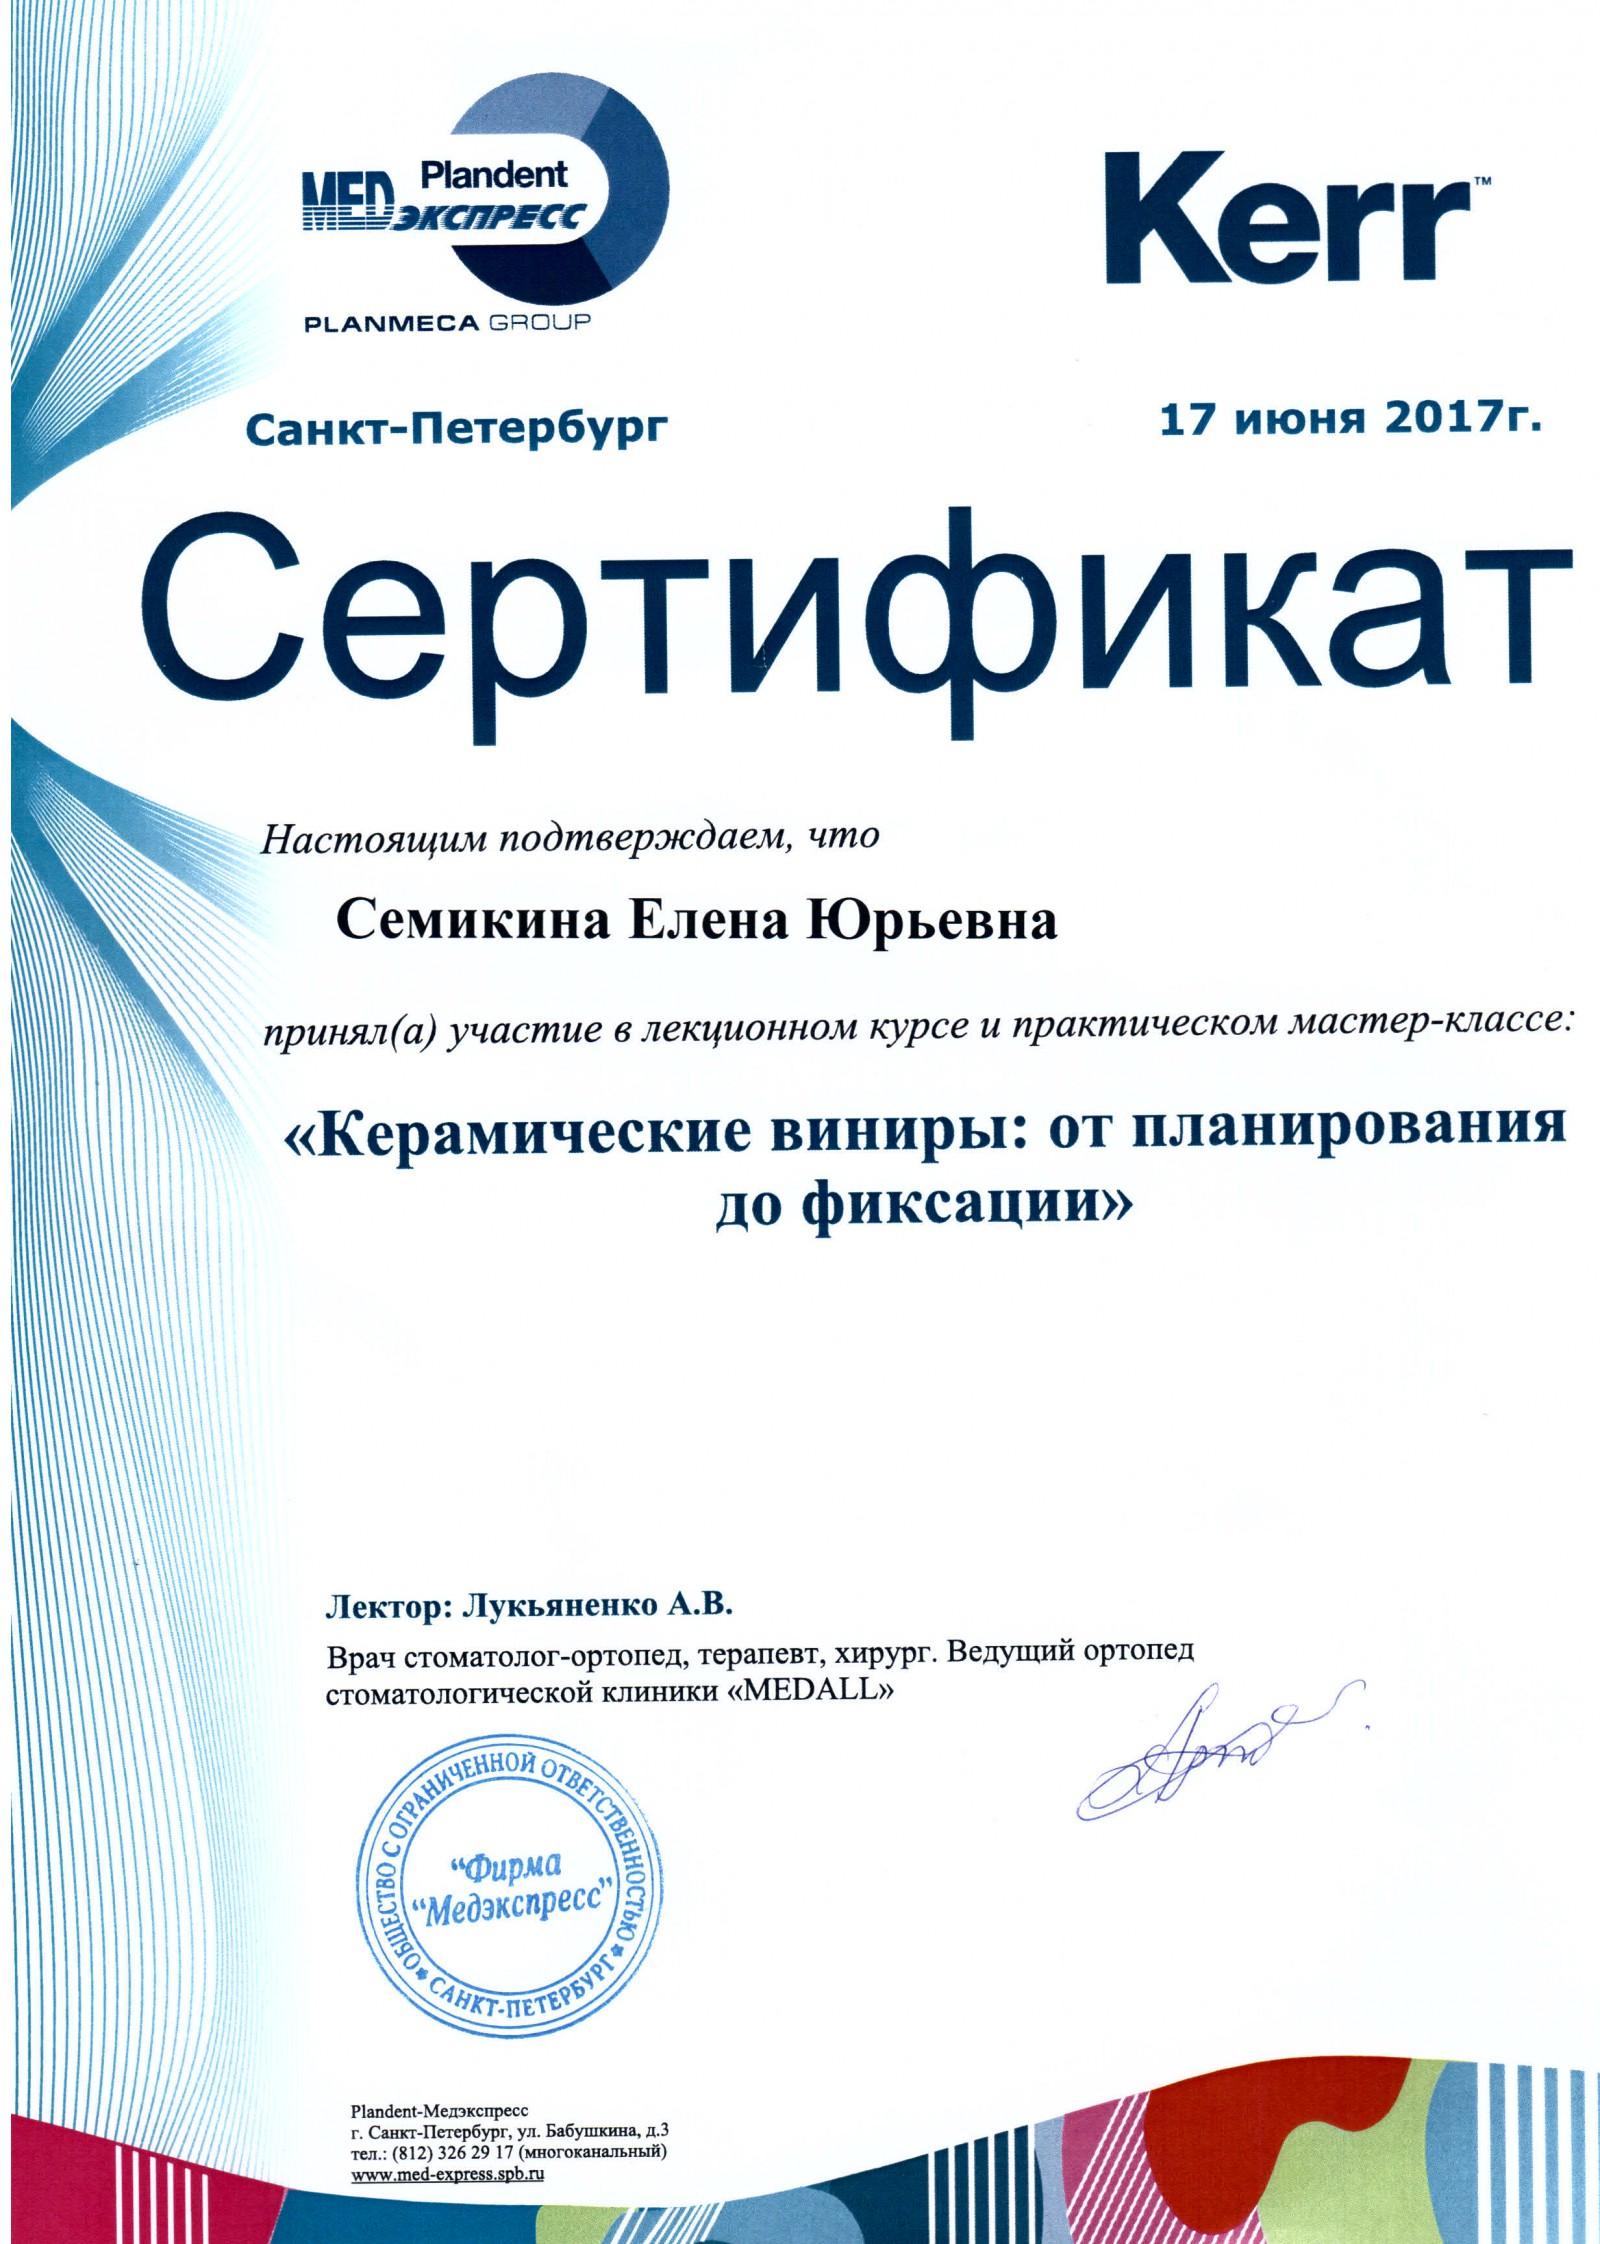 Виниры курсы москва